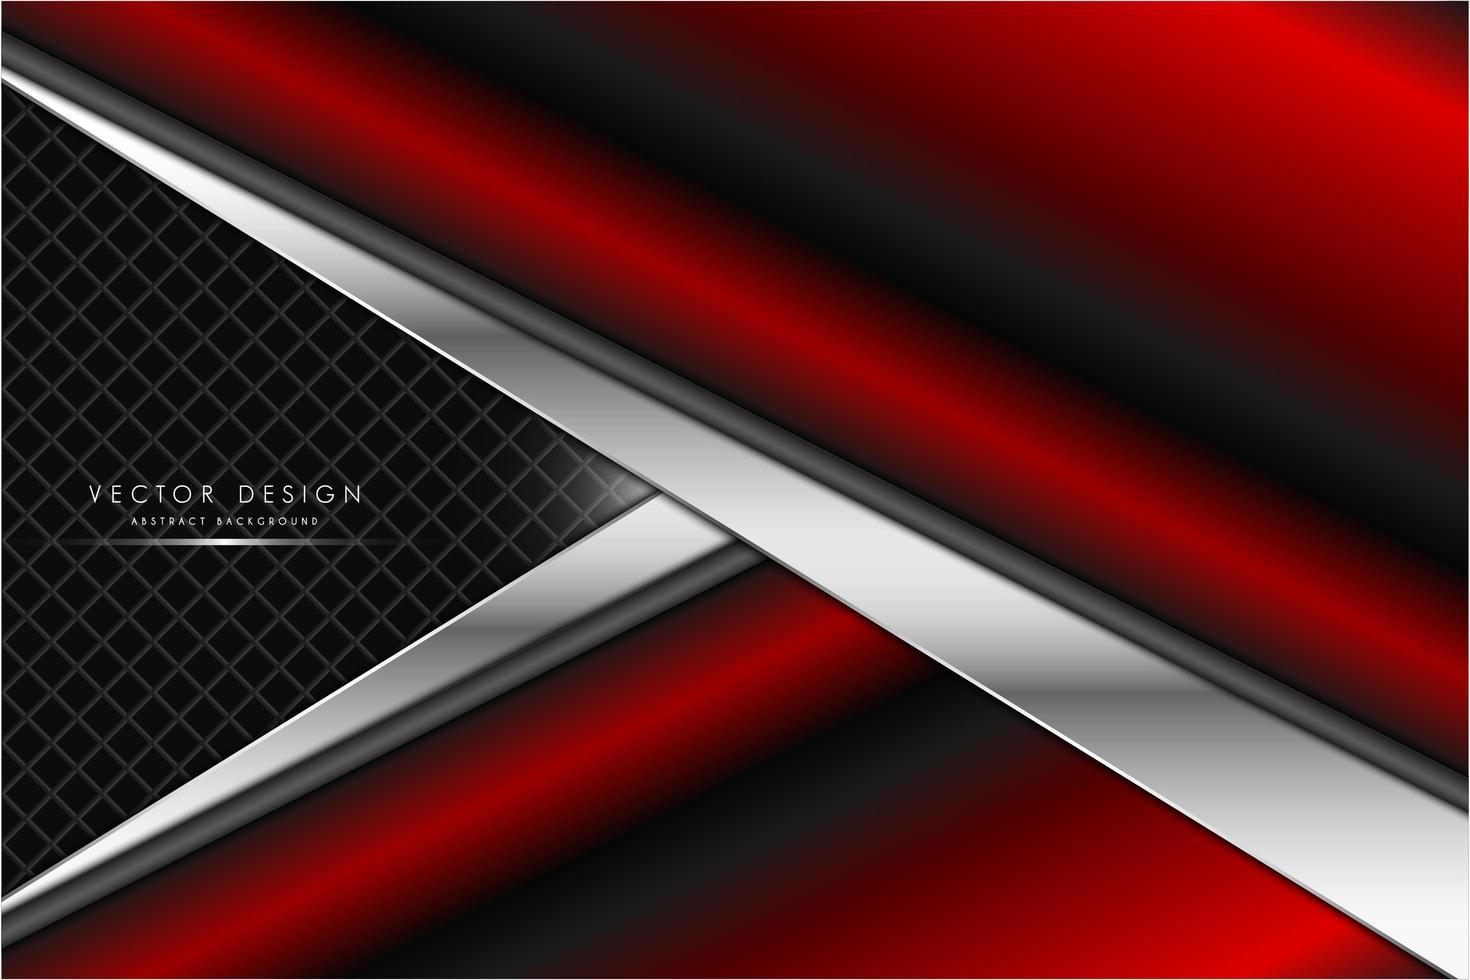 rote und silberne metallische Textur in Pfeilform vektor